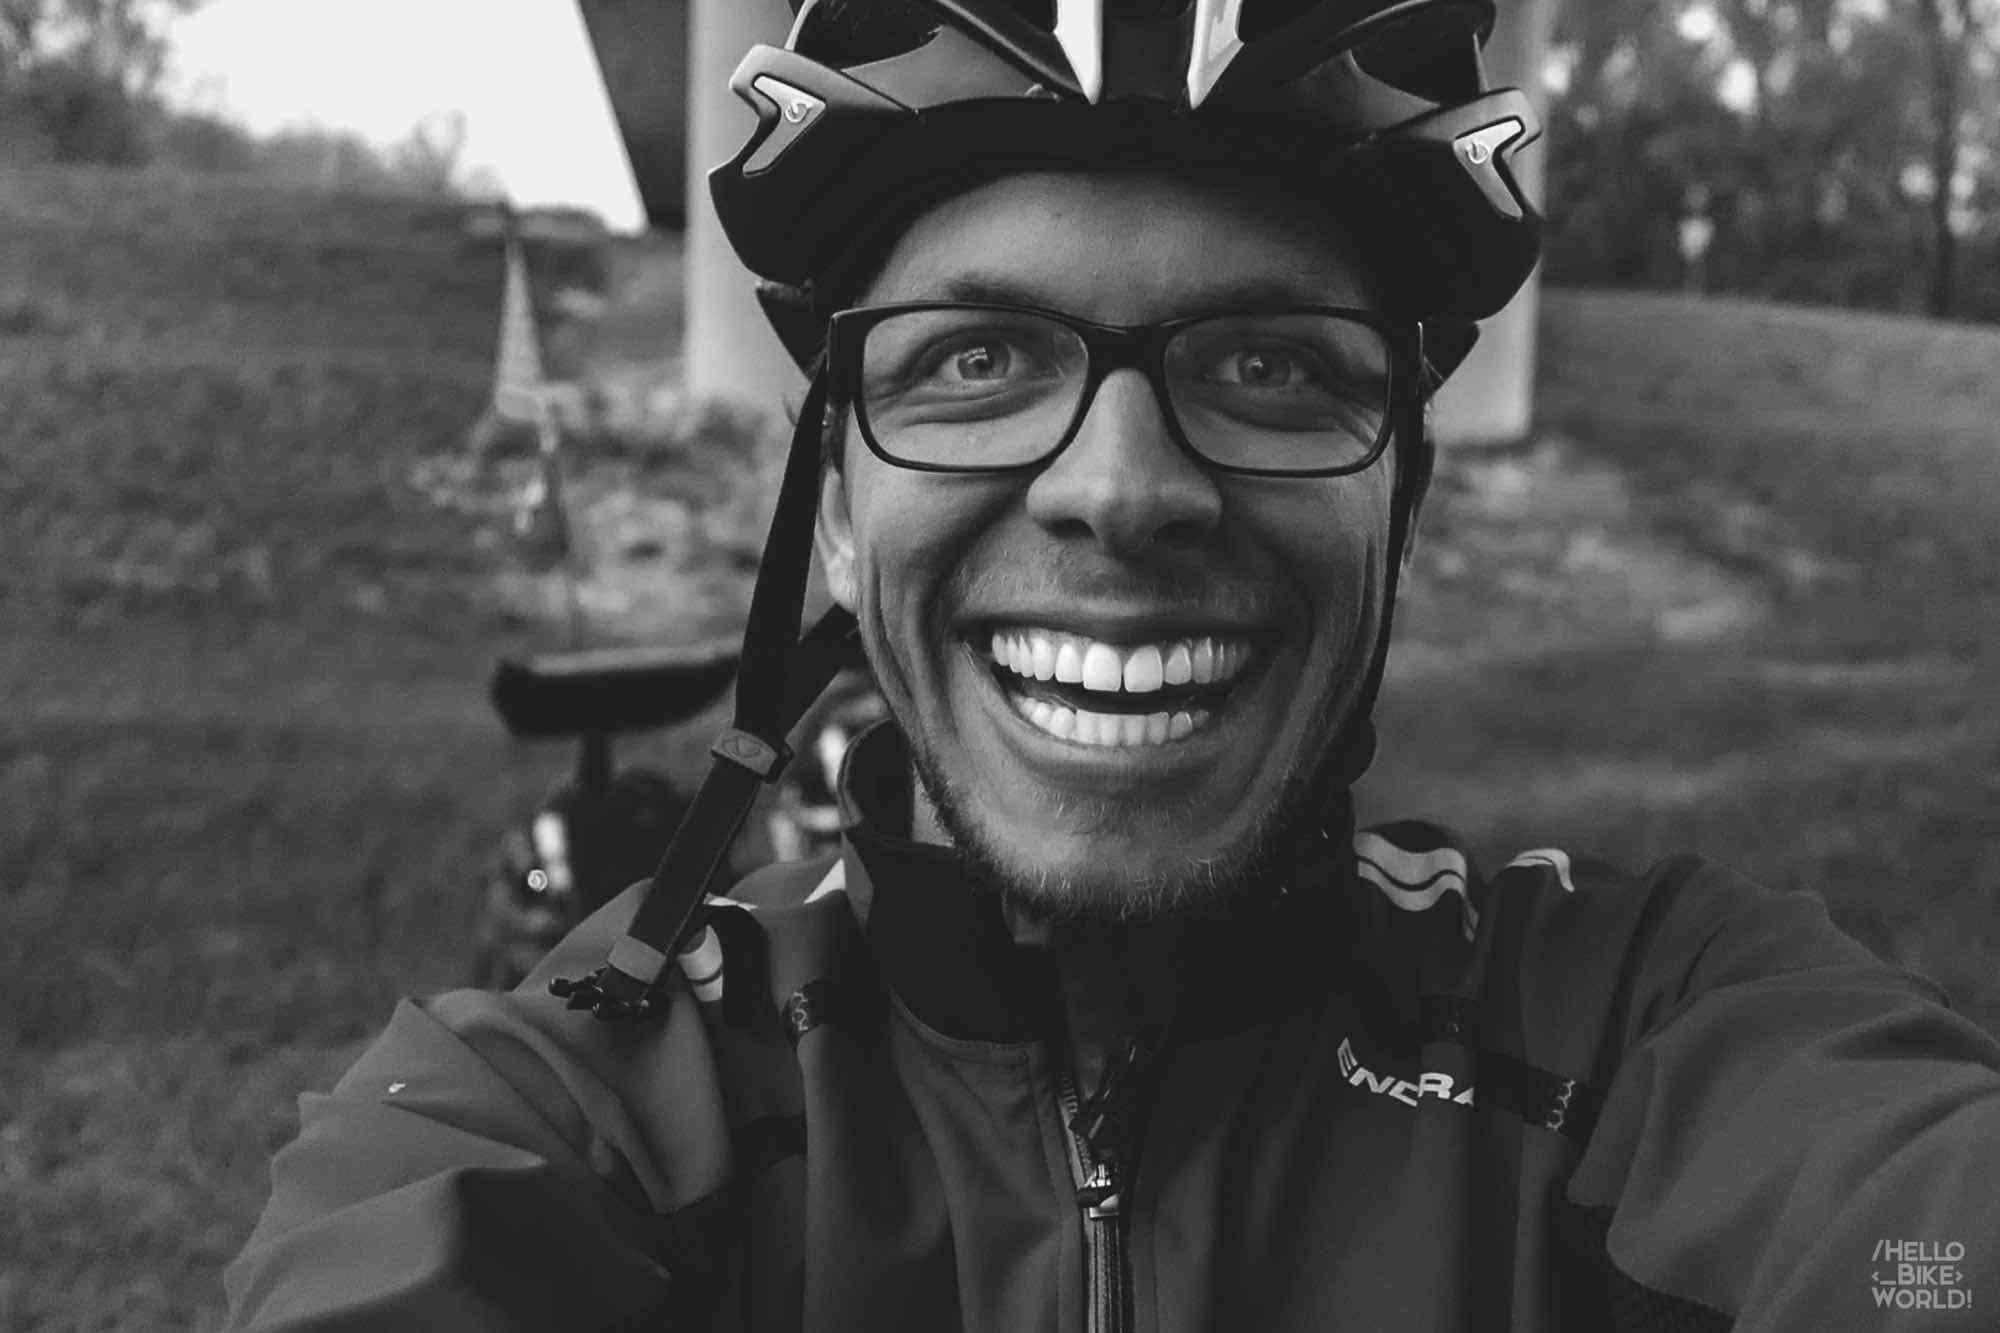 Firmin, le cycliste heureux